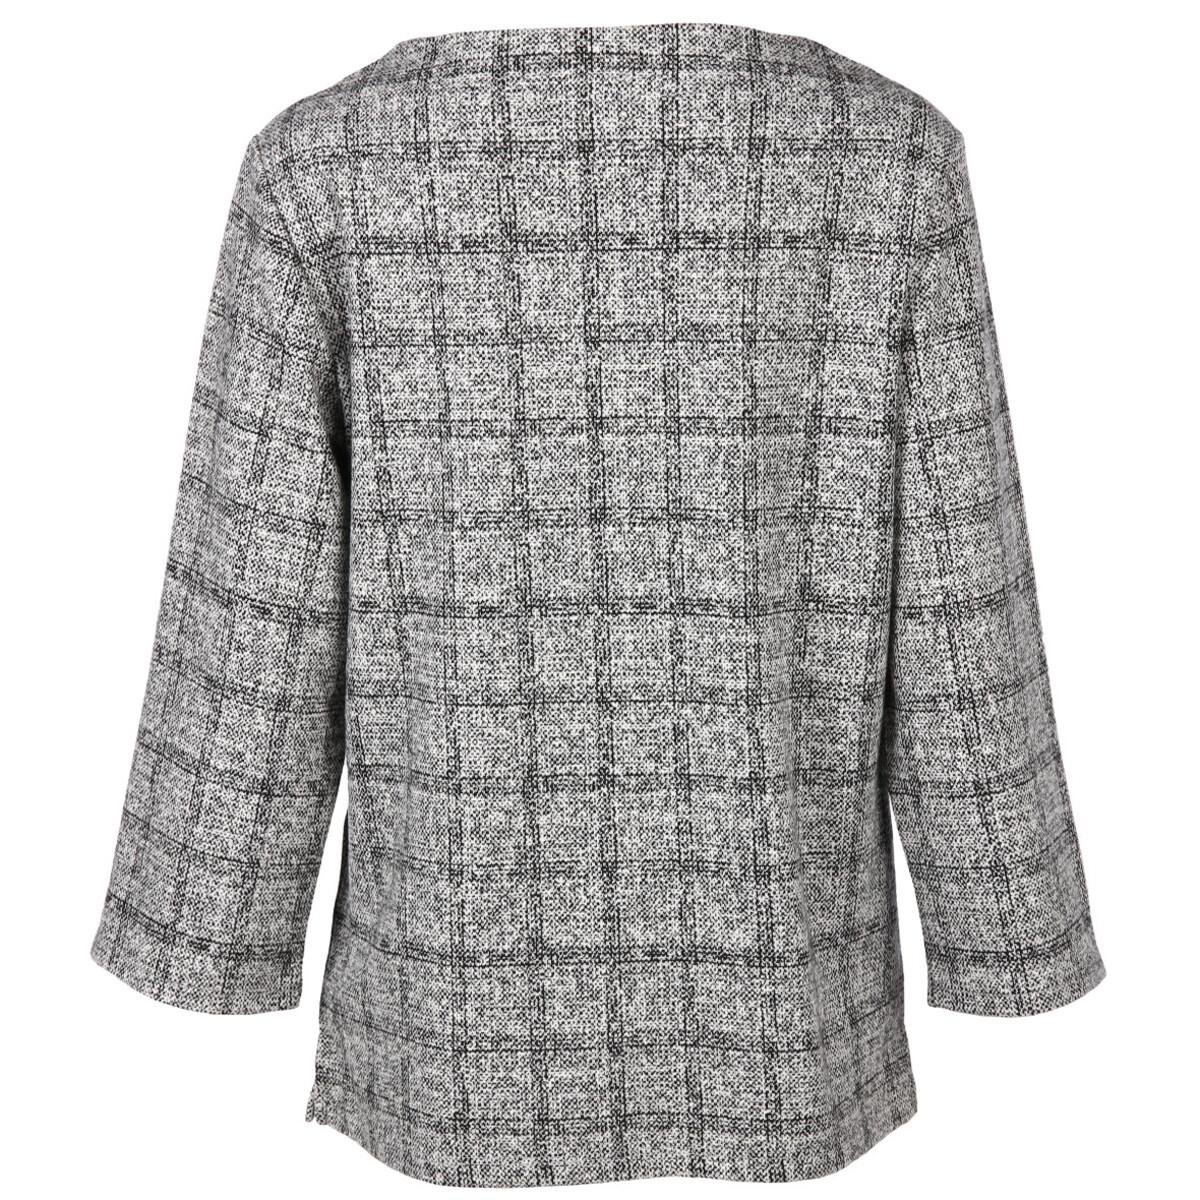 Bild 2 von Damen Sweatshirt in kastiger Form